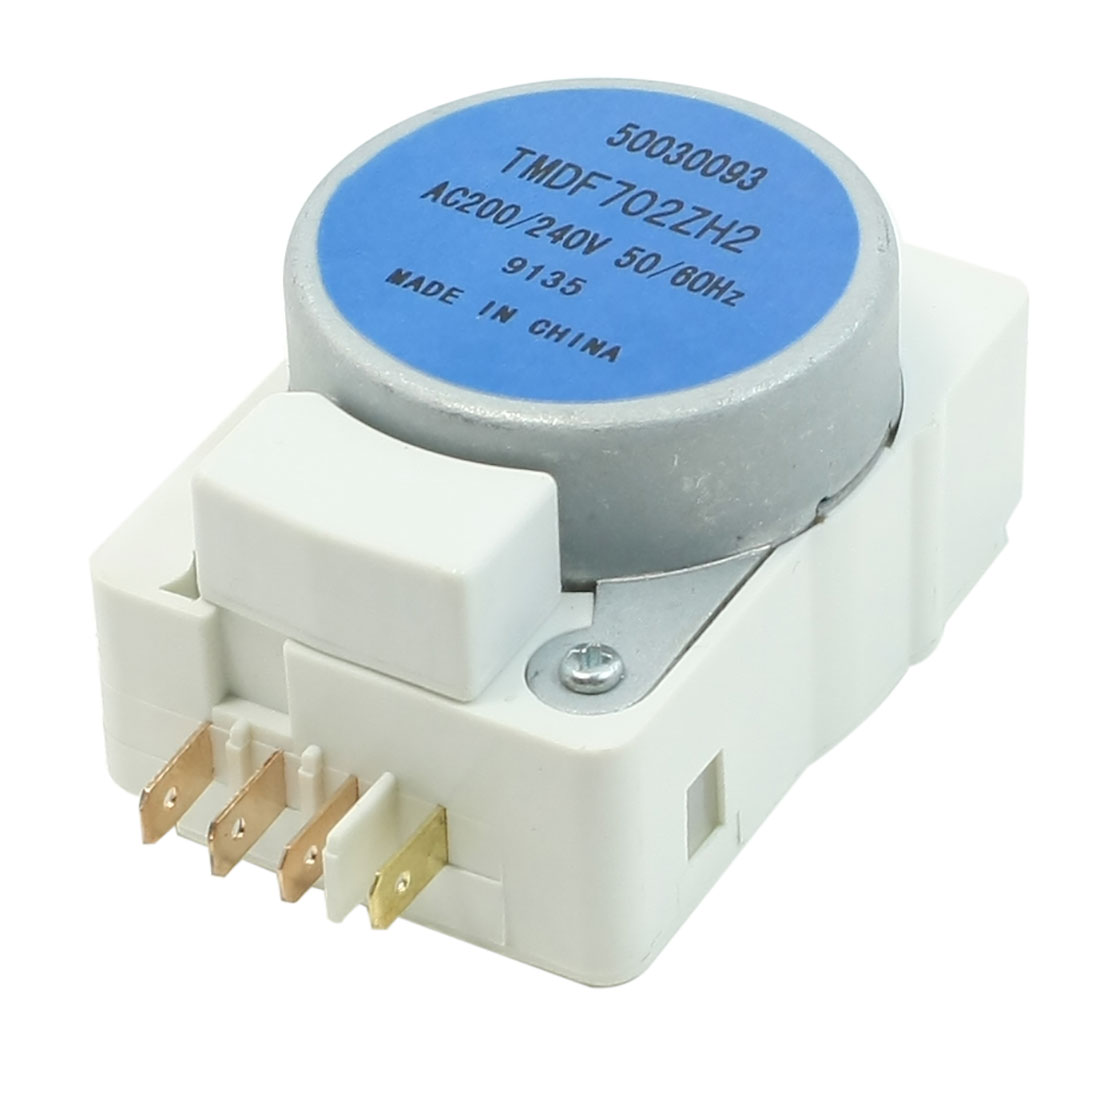 TMDF702ZH2 4 Pin Termials Refrigerator Defrost Timer AC 200V/240V